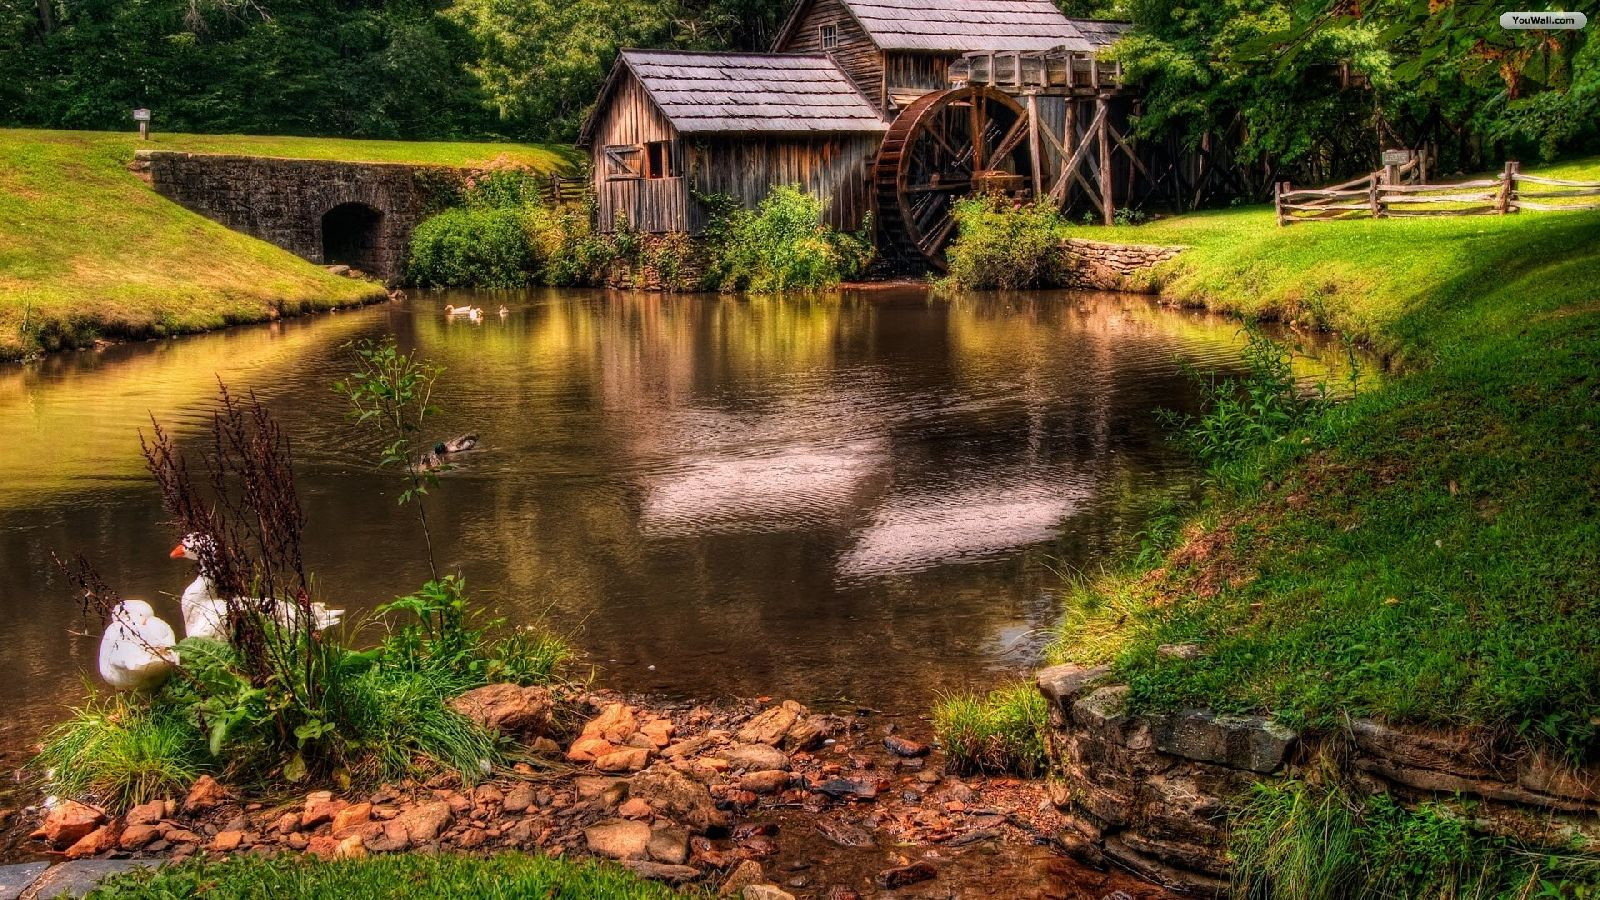 Cottage Wallpaper   wallpaperwallpapersfree wallpaperphotodesktop 1600x900